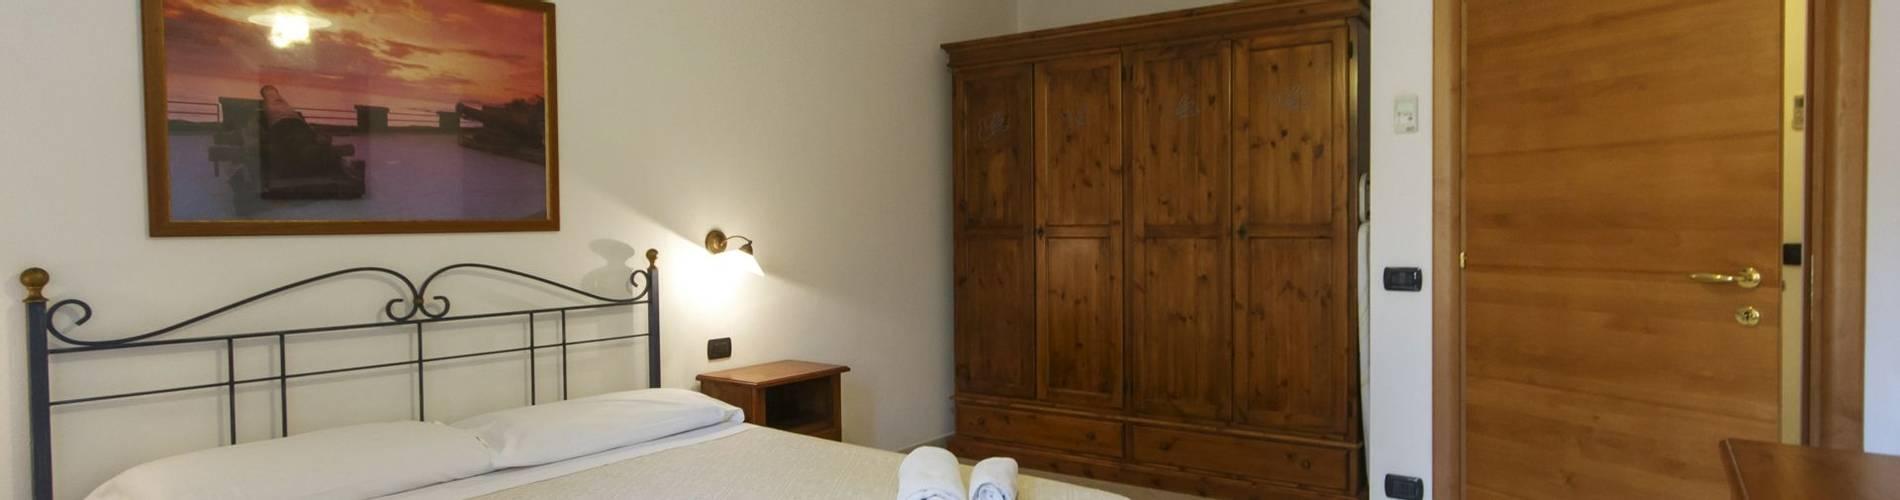 Casale Del Monte, Sardinia, Italy, QUADRILOCALE SUITE (6).jpg